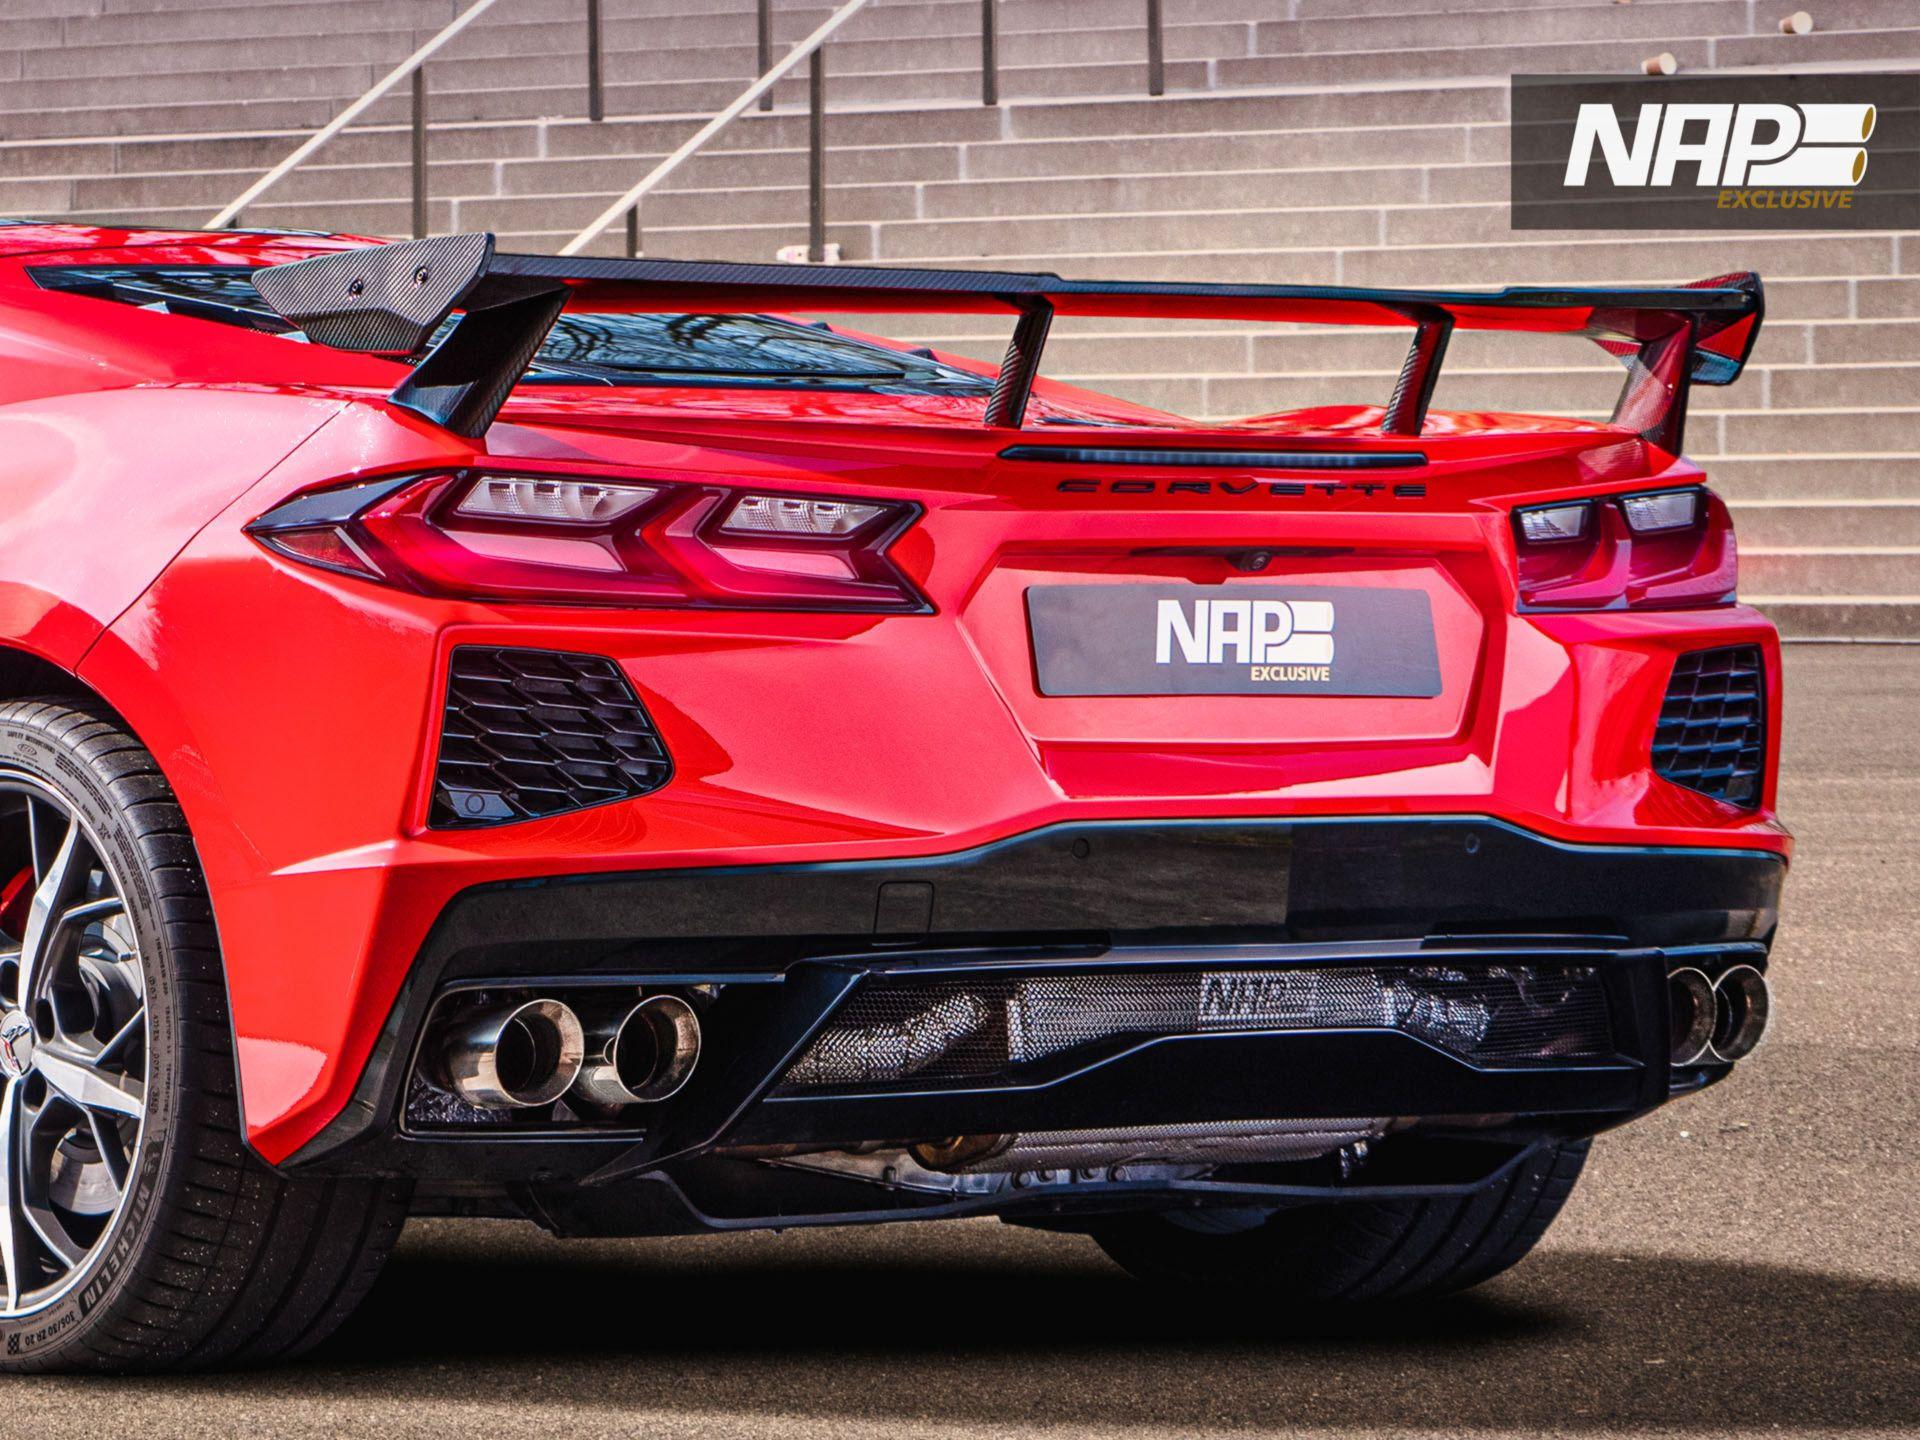 Chevrolet-Corvette-by-NAP-Sportauspuff-Manufaktur-11